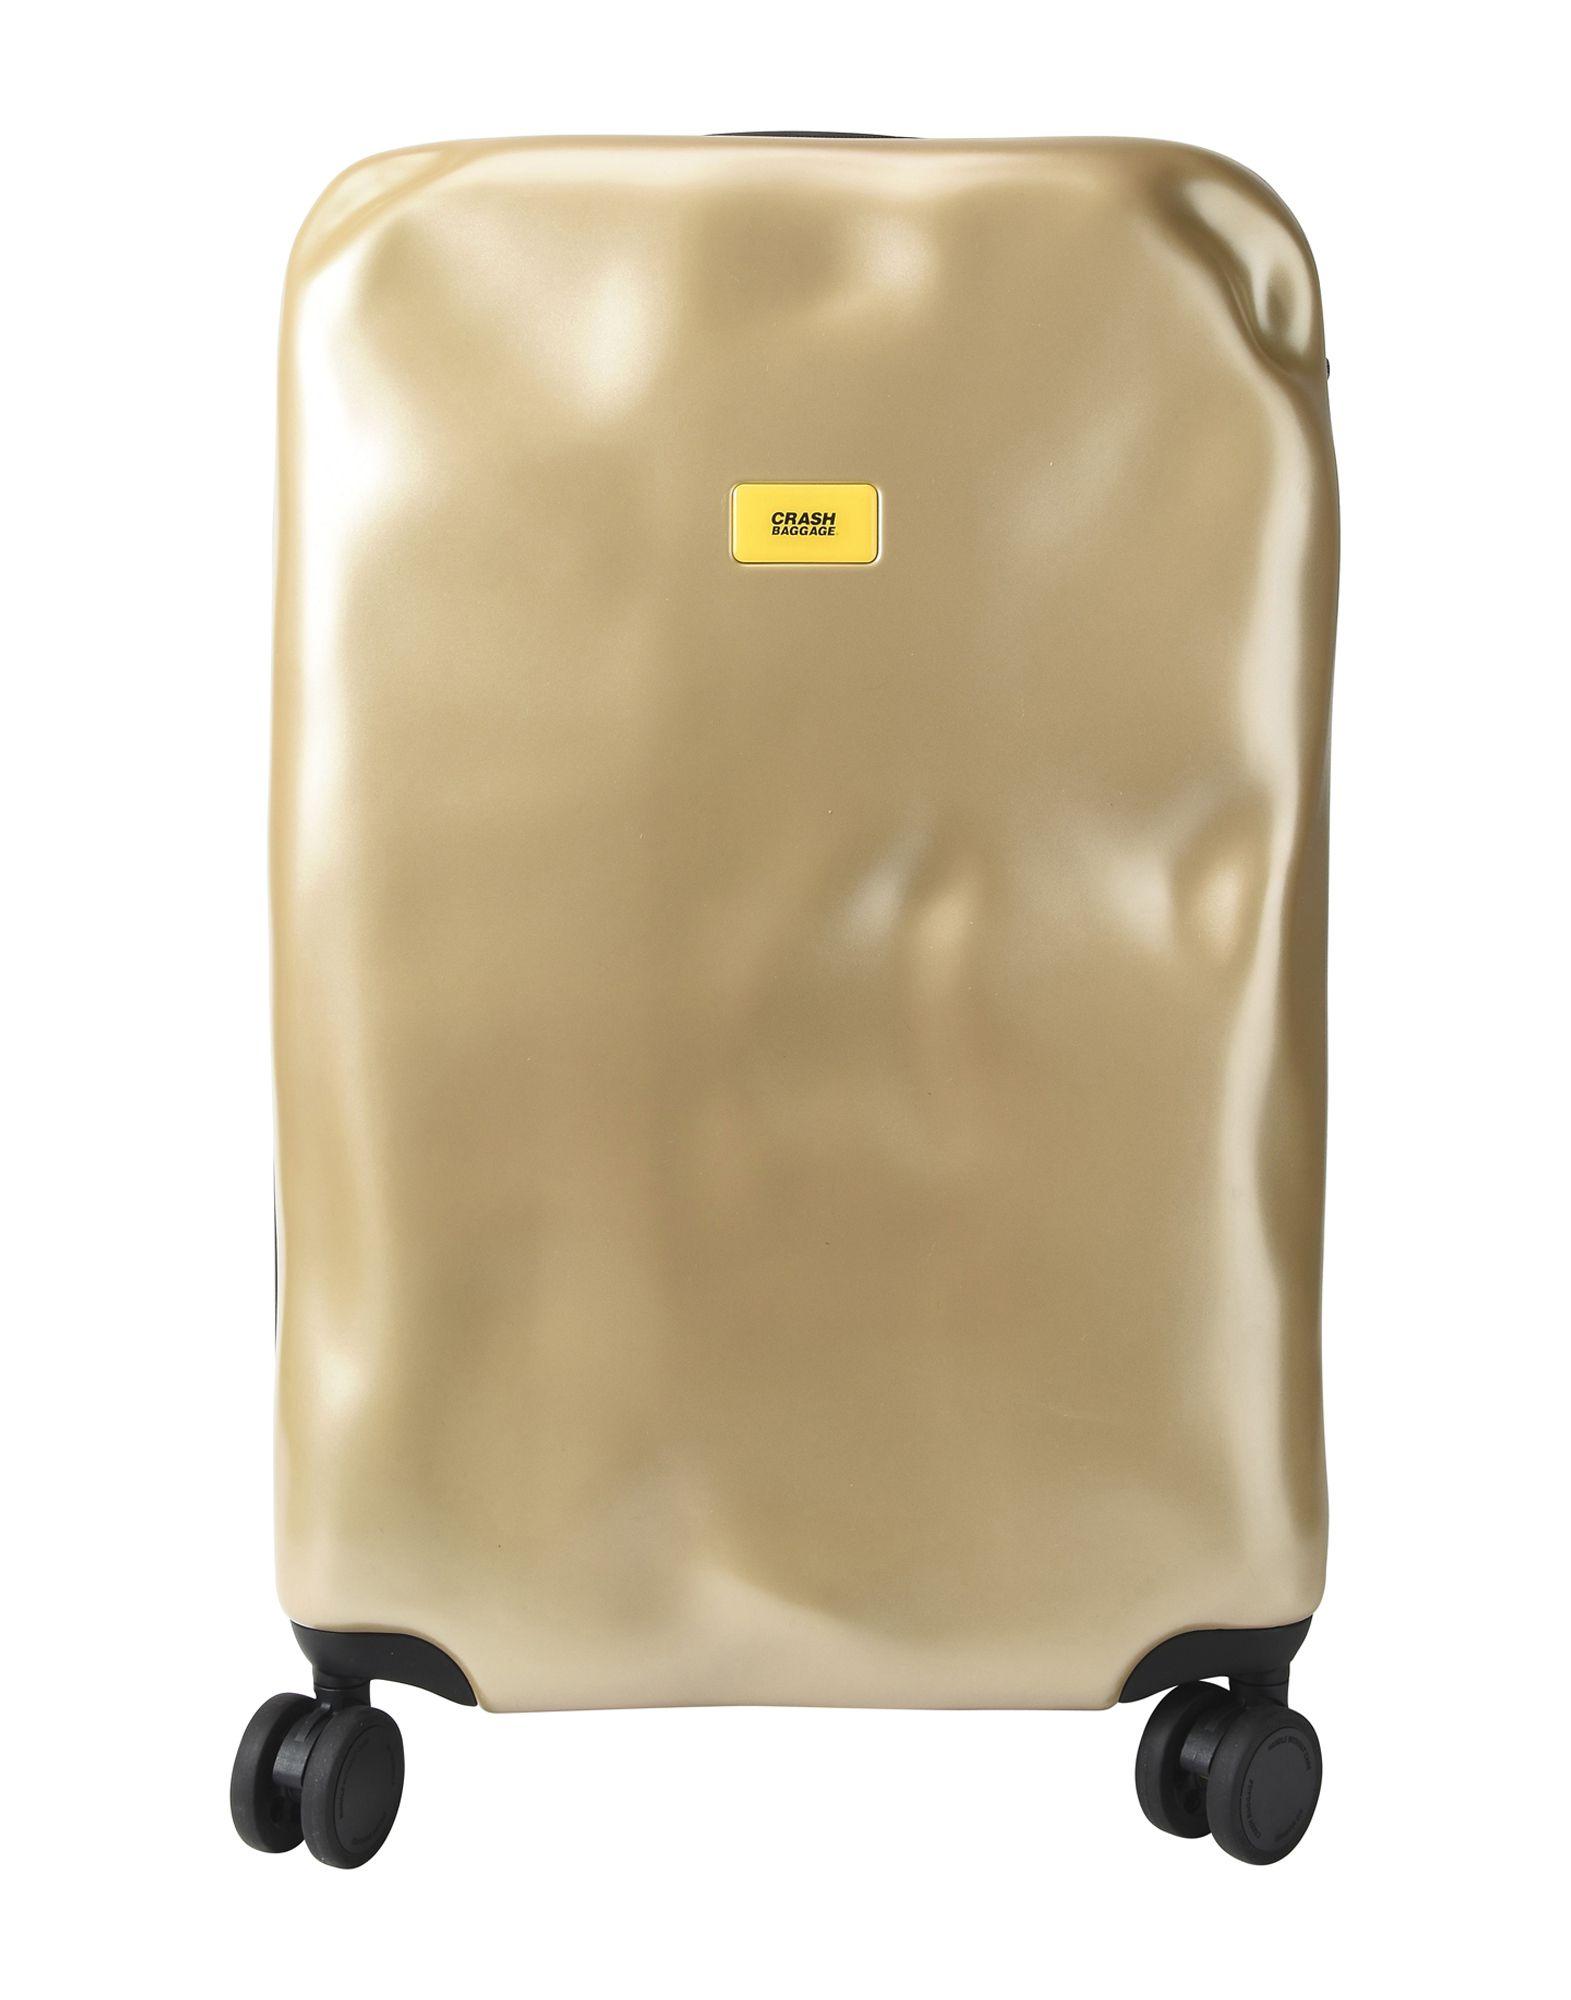 《送料無料》CRASH BAGGAGE Unisex キャスター付きバッグ ゴールド ポリカーボネート ICON Medium 4w.